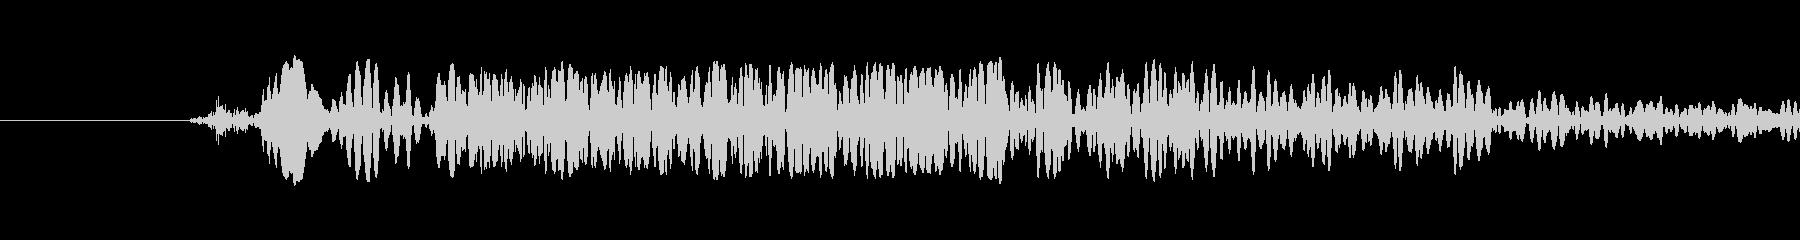 打撃音2の未再生の波形